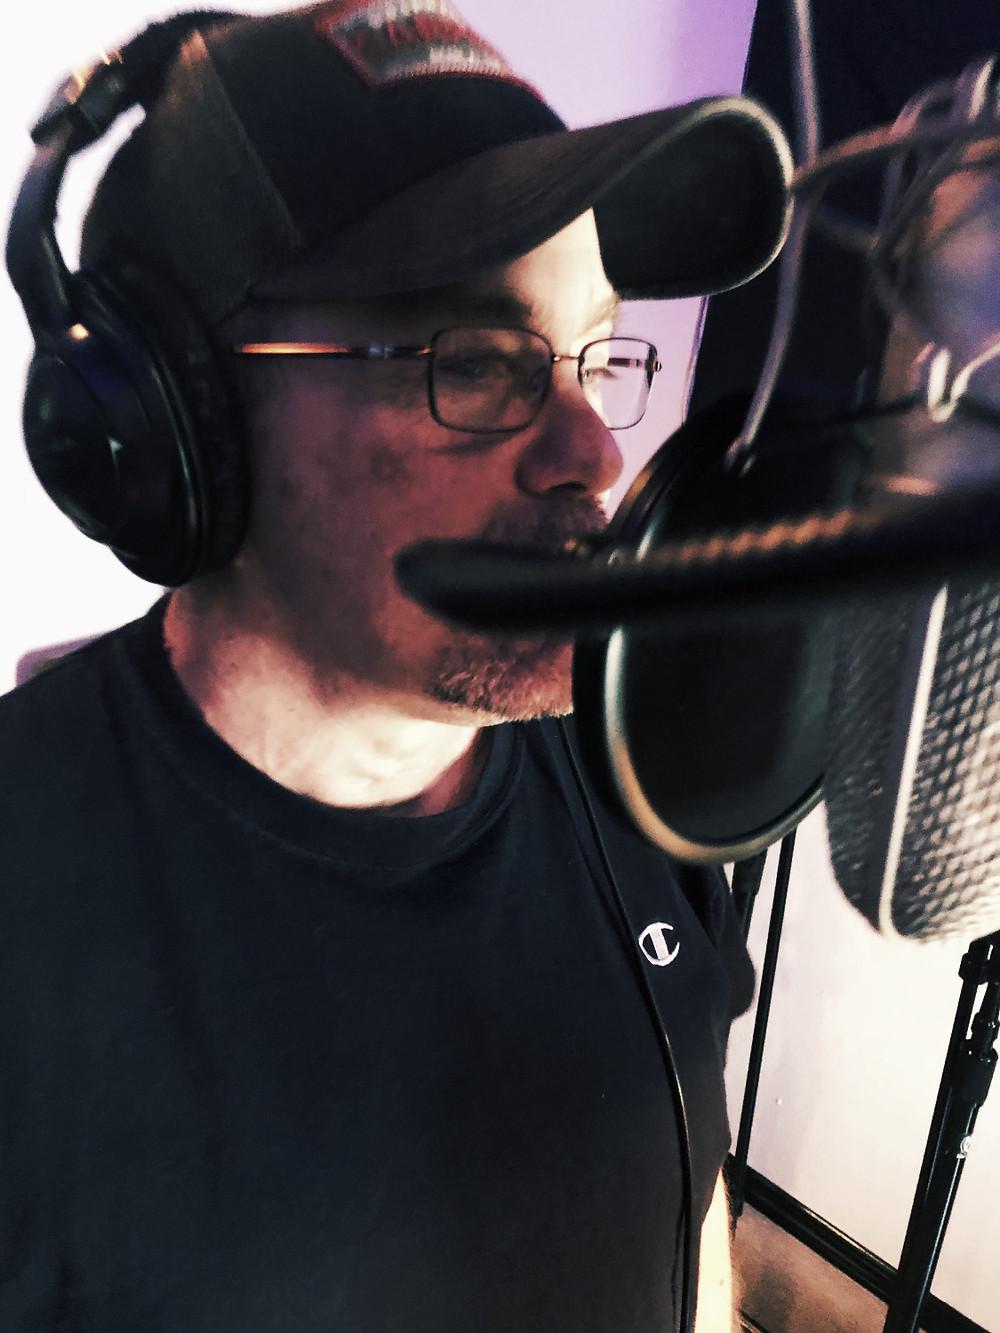 Tim Seay Sober Guy in the Studio